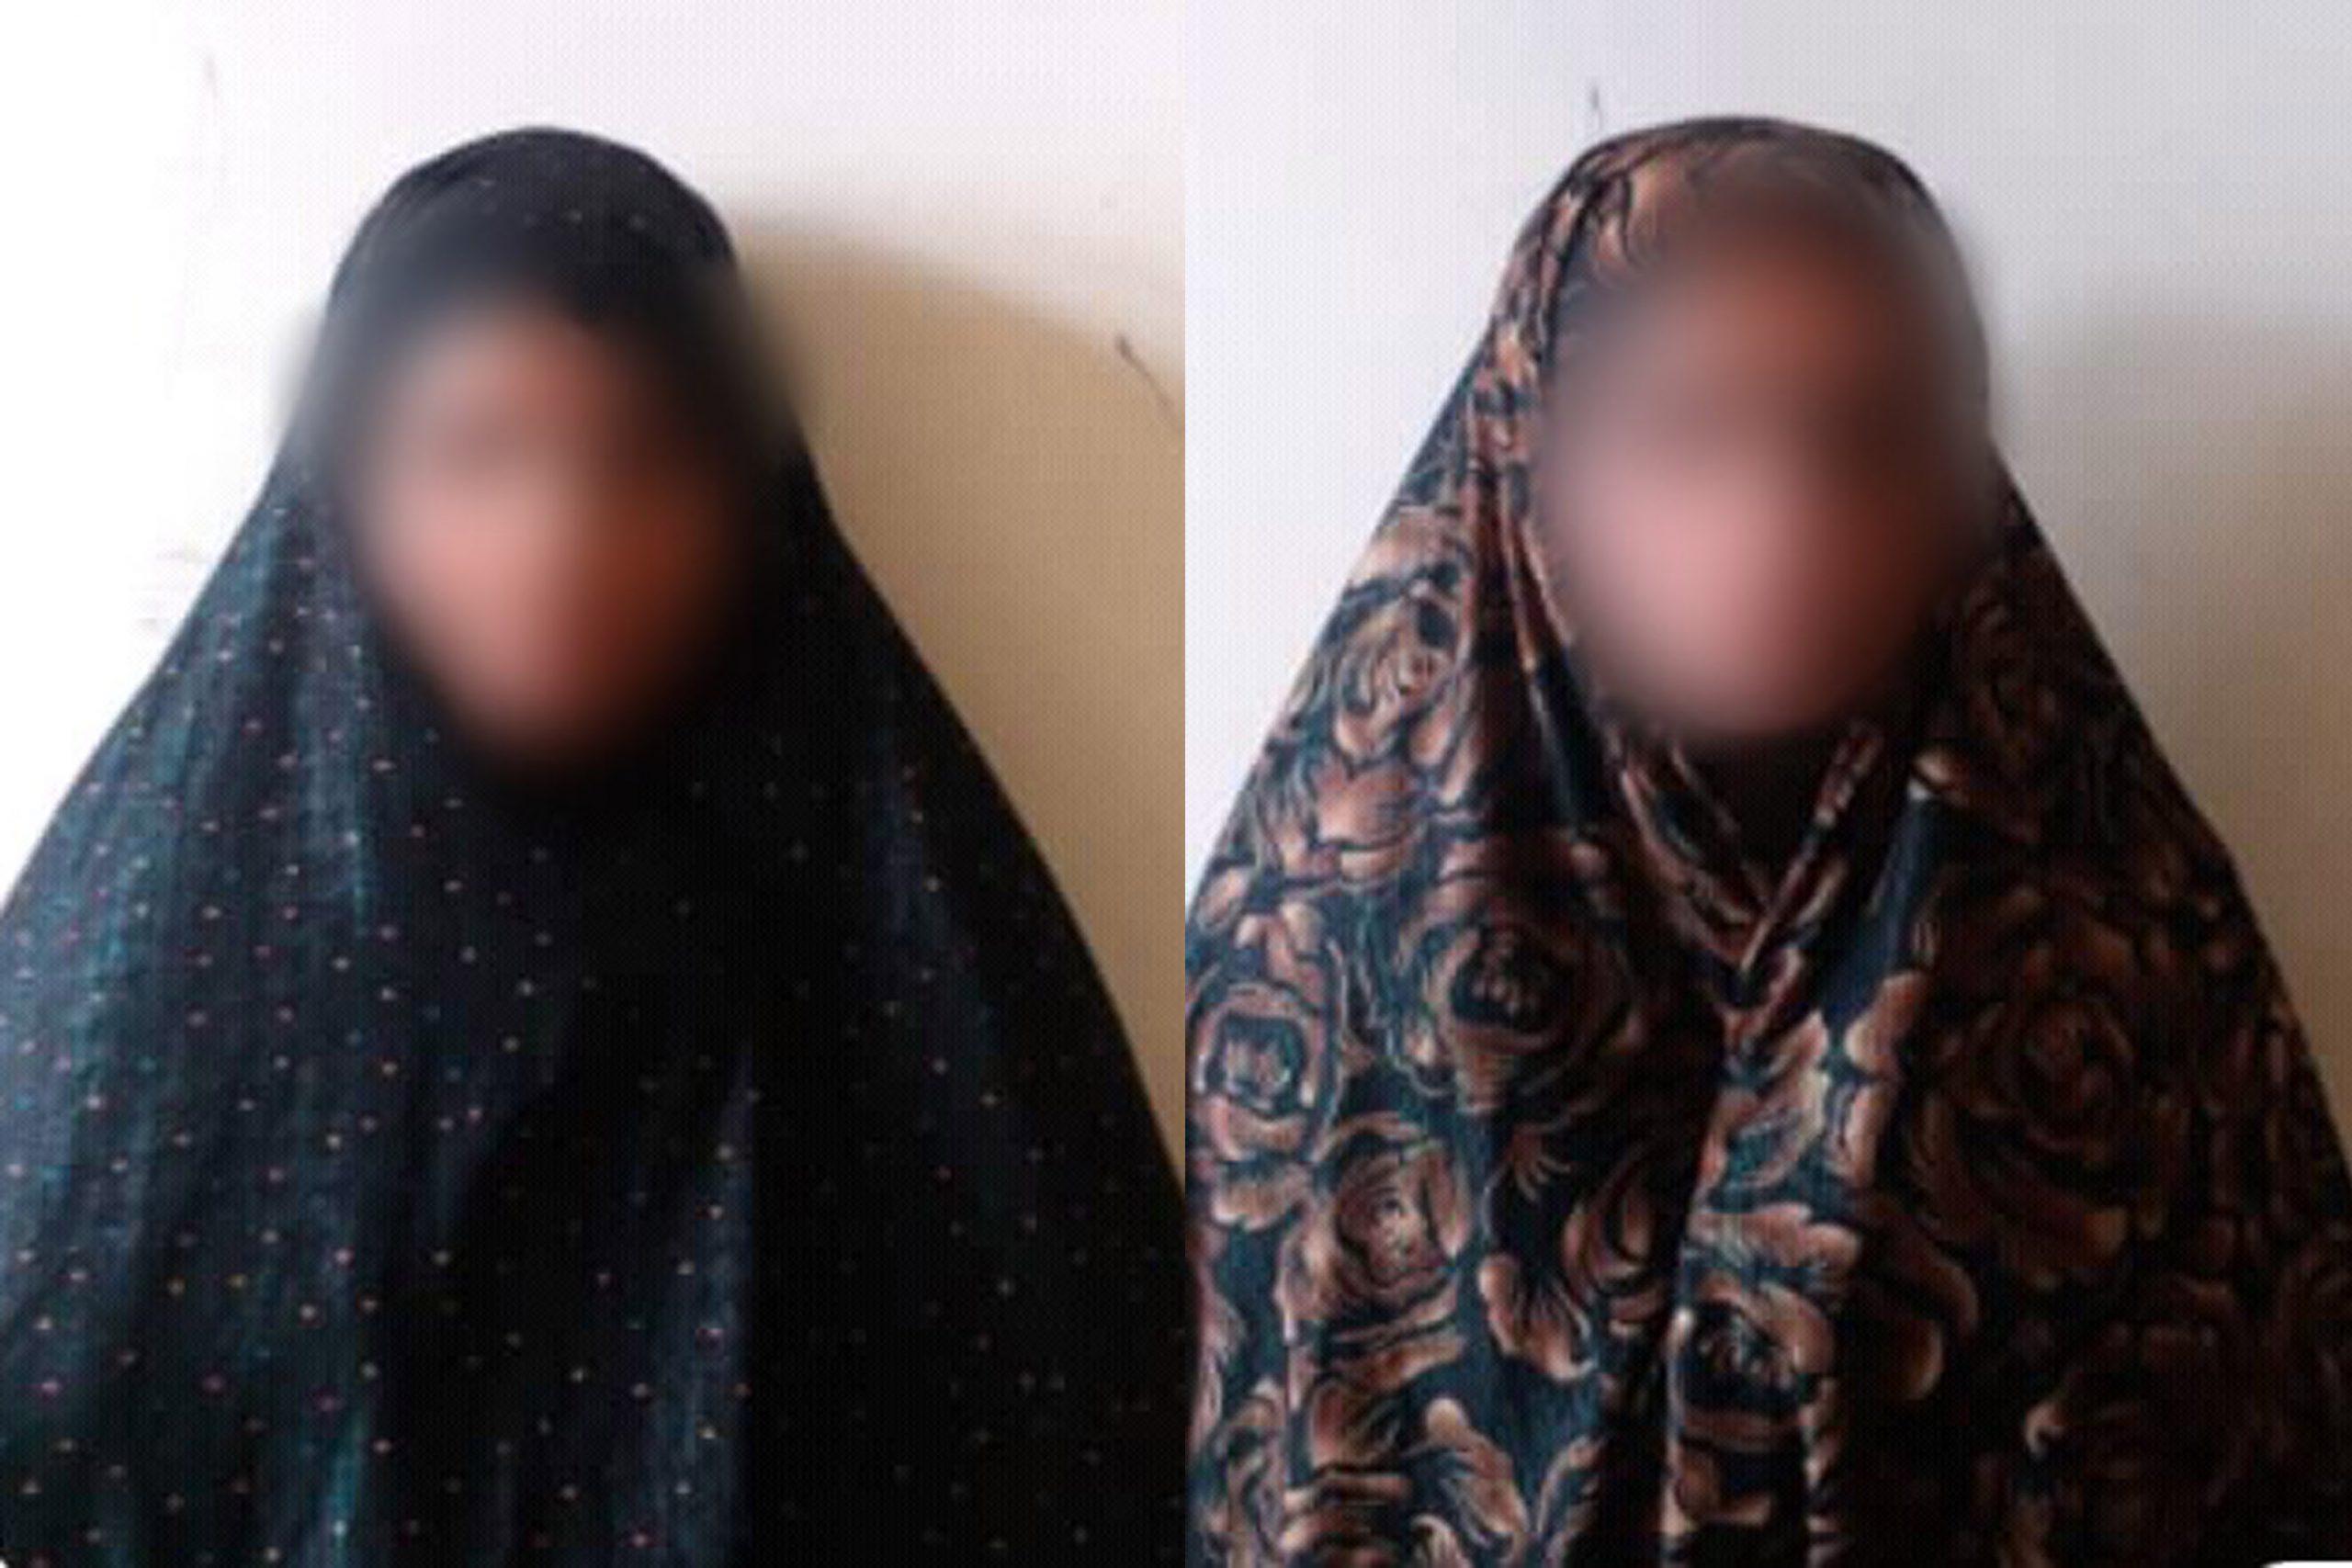 بازداشت دختر و مادری که دستشان به خون پدر آلوده شد